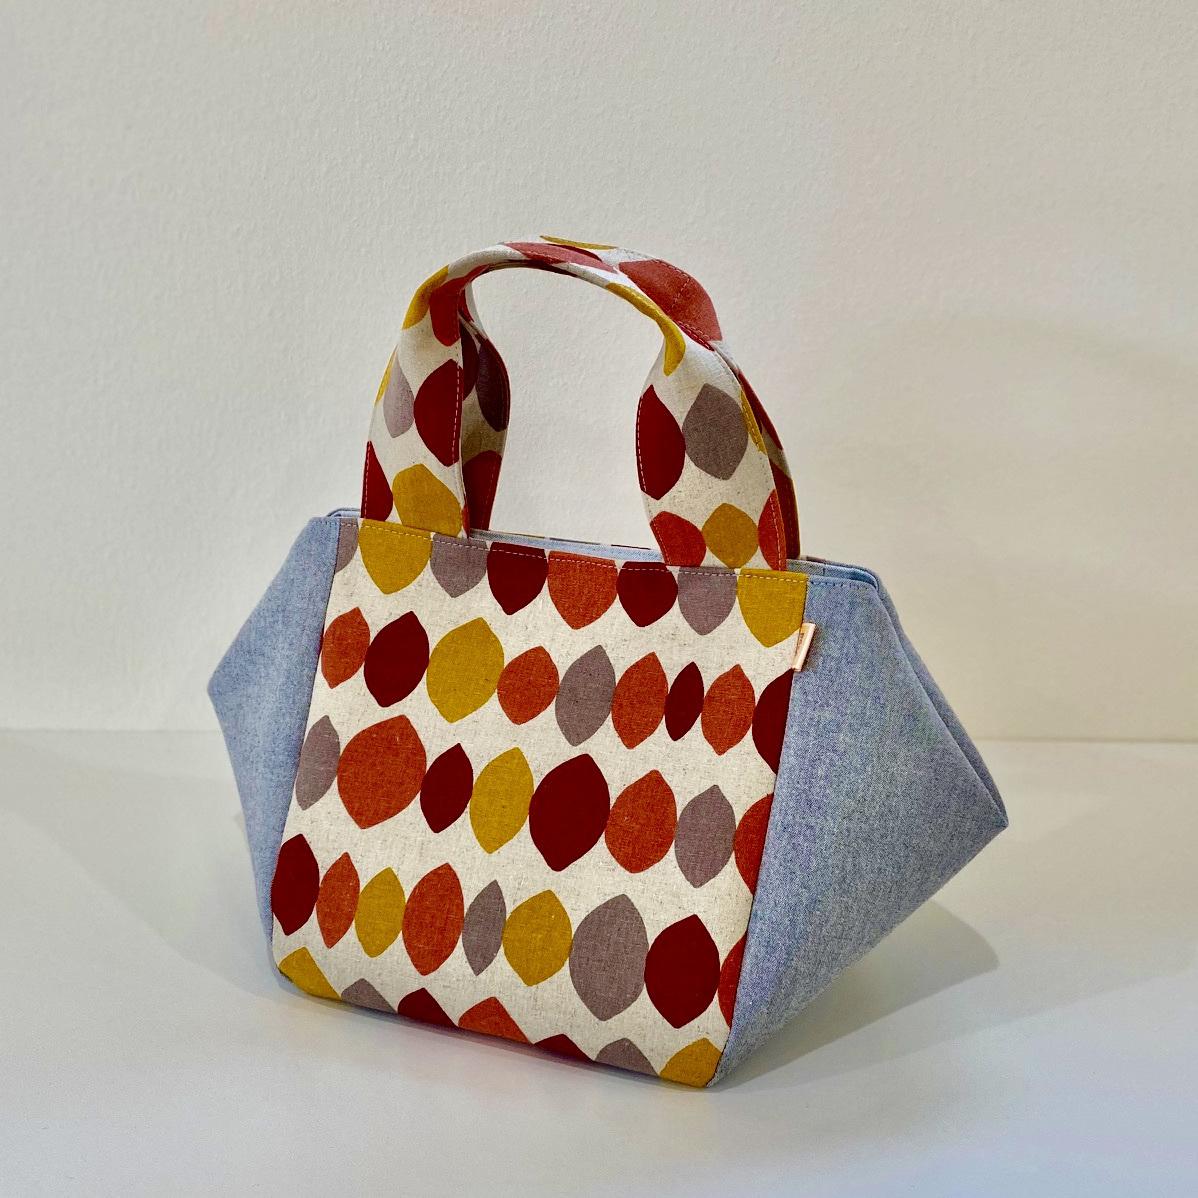 pocoオリジナル! マチたっぷり「ぷっくりバッグ」内ポケット、マグネットボタン付き。 可愛いシルエット、小さく見えるのに収納力抜群の「ぷっくりバッグ」 内ポケットありで、バッグ上部にはマグネットボタンもついていて、とても使いやすいバッグです。 小さいサイズは普段使いに、大きいサイズは一泊旅行バッグとしても使えます。 生地や大きさによって、価格が変わります。